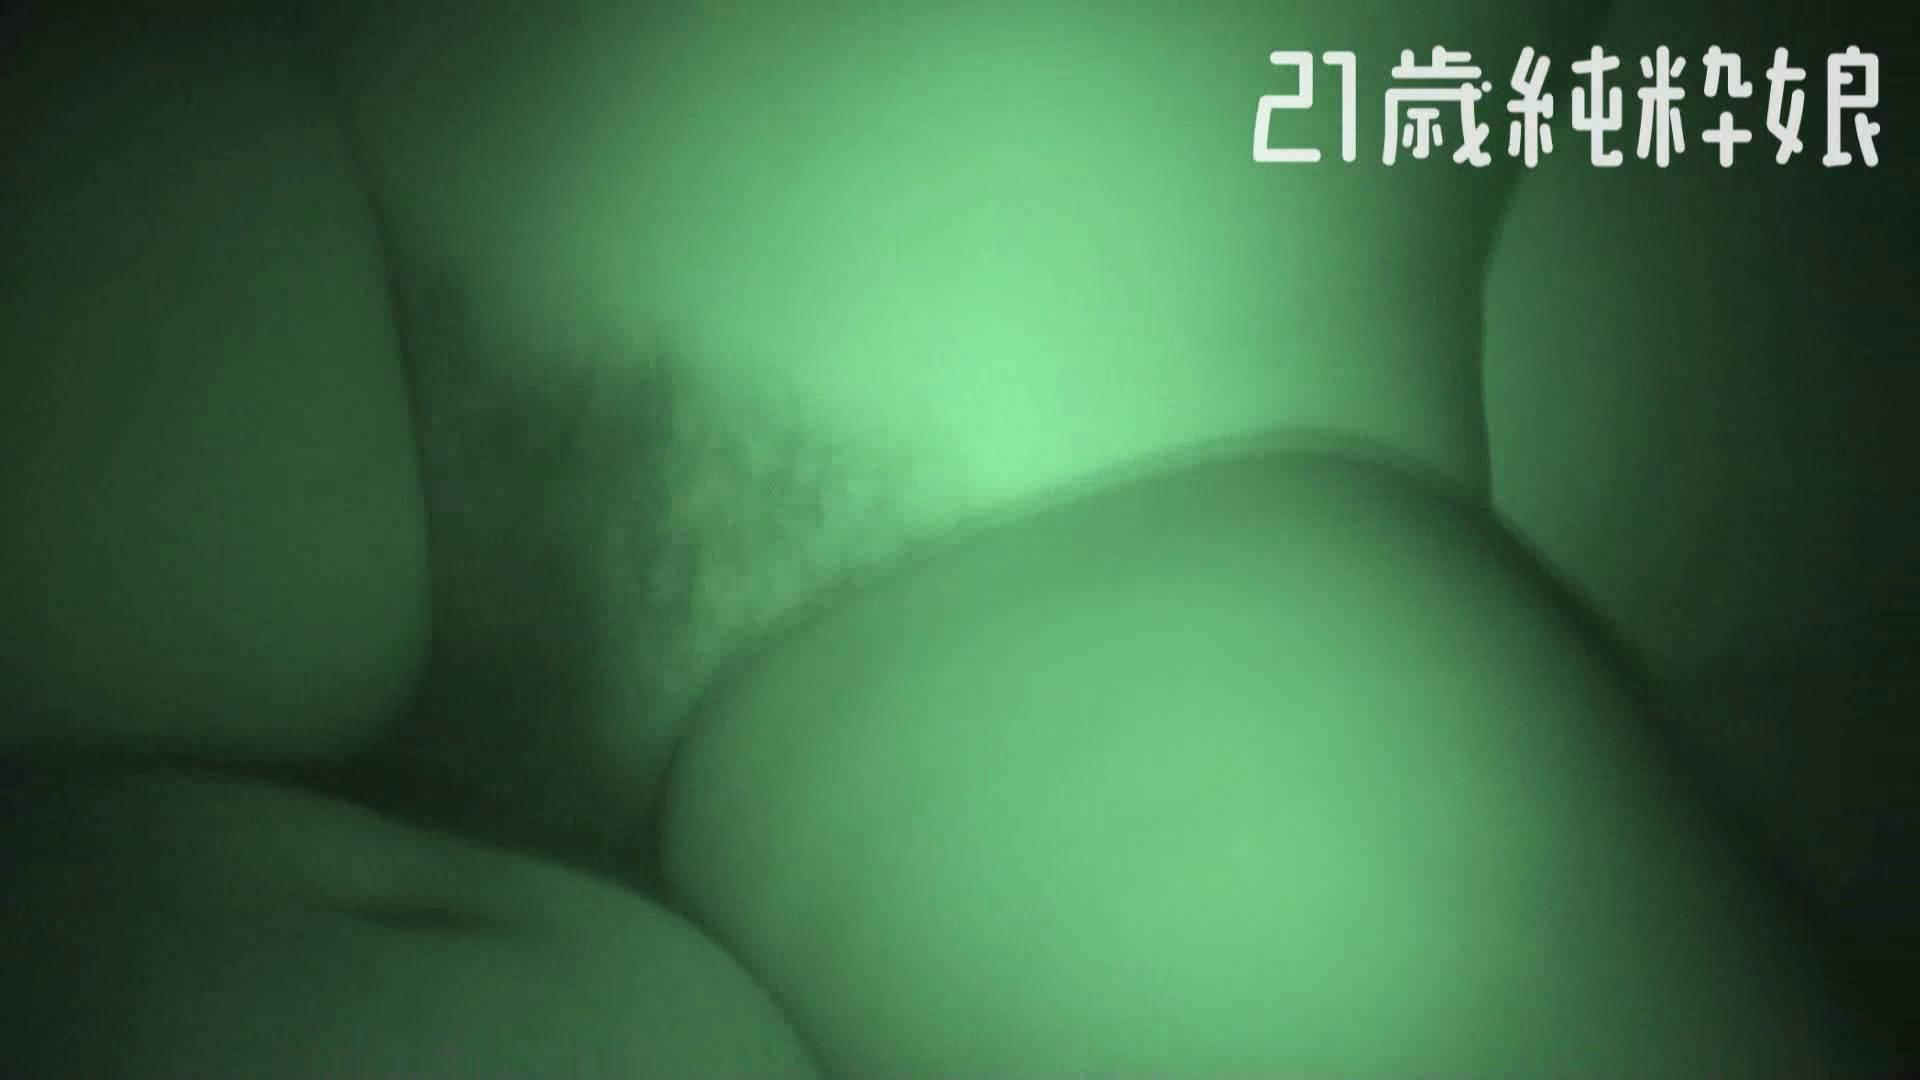 上京したばかりのGカップ21歳純粋嬢を都合の良い女にしてみた3 オナニー   フェラ  10pic 7